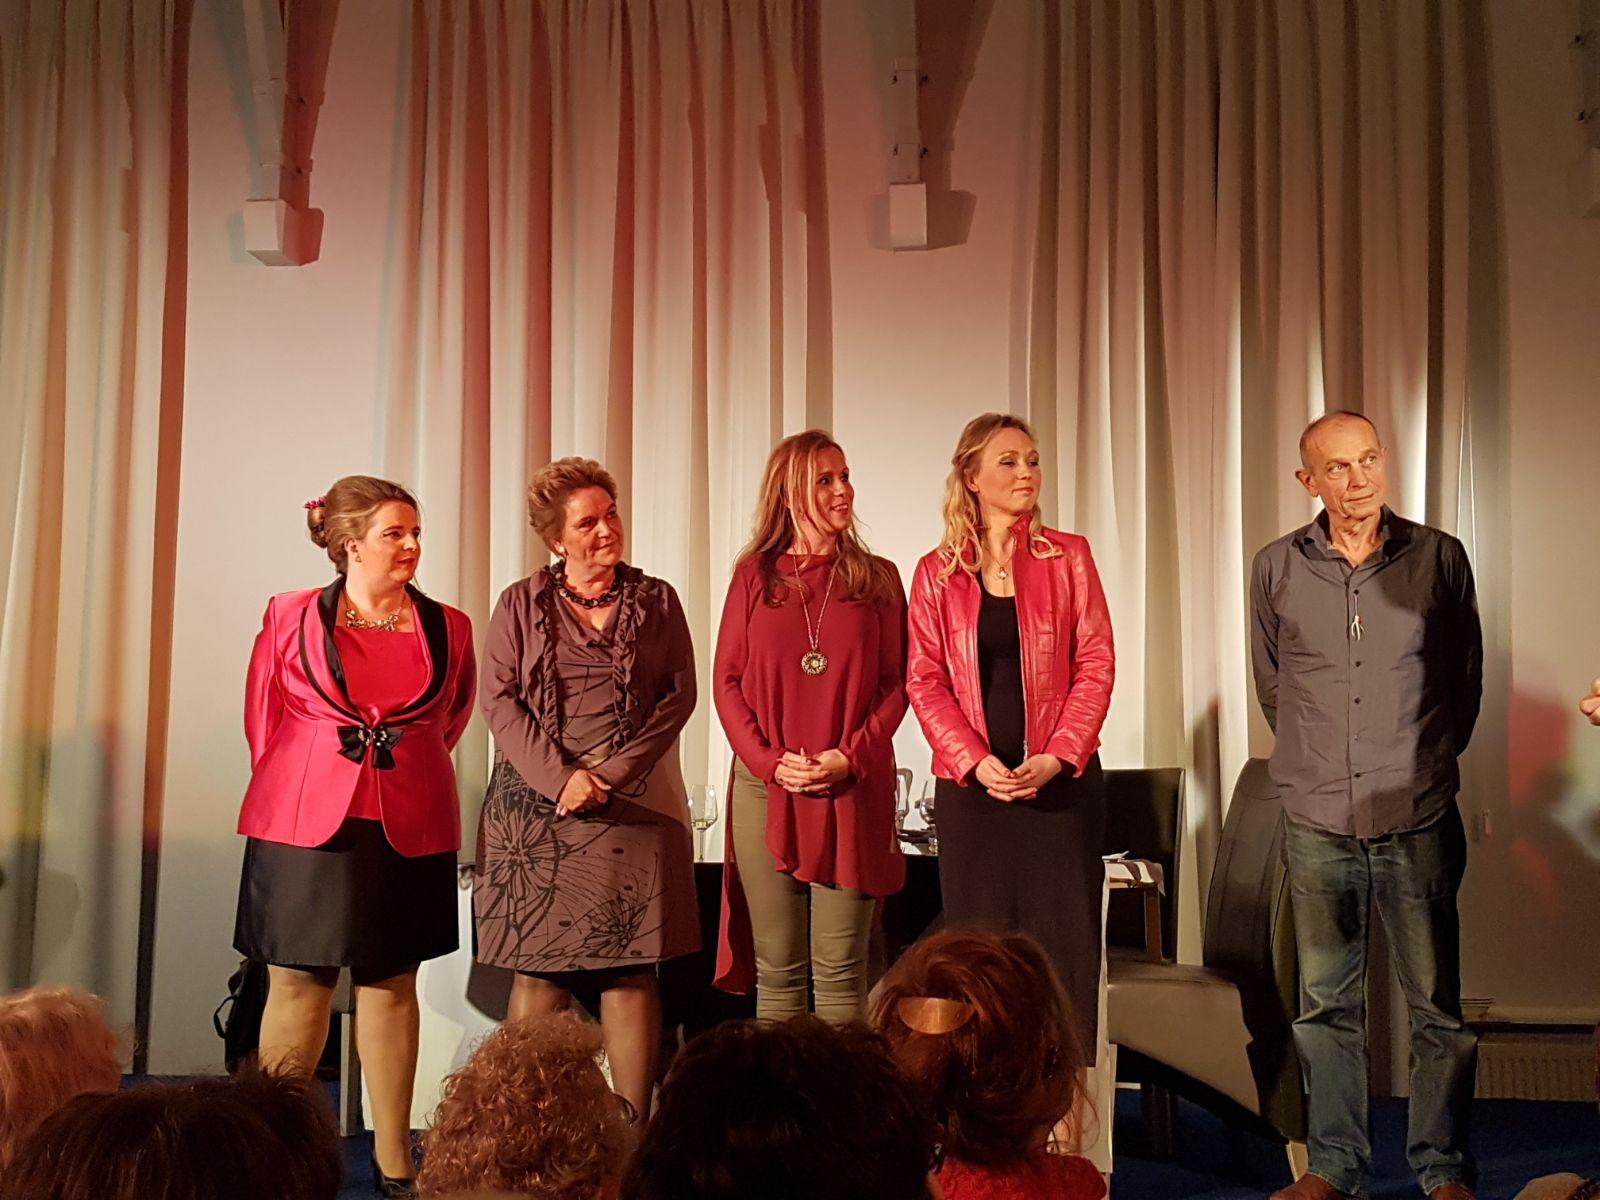 Theatergroep Sequoia van links naar rechts: Laura ten Hag, Henny Veeneman, Saskia van Egmond, Maartje Otten en Willem Westermann